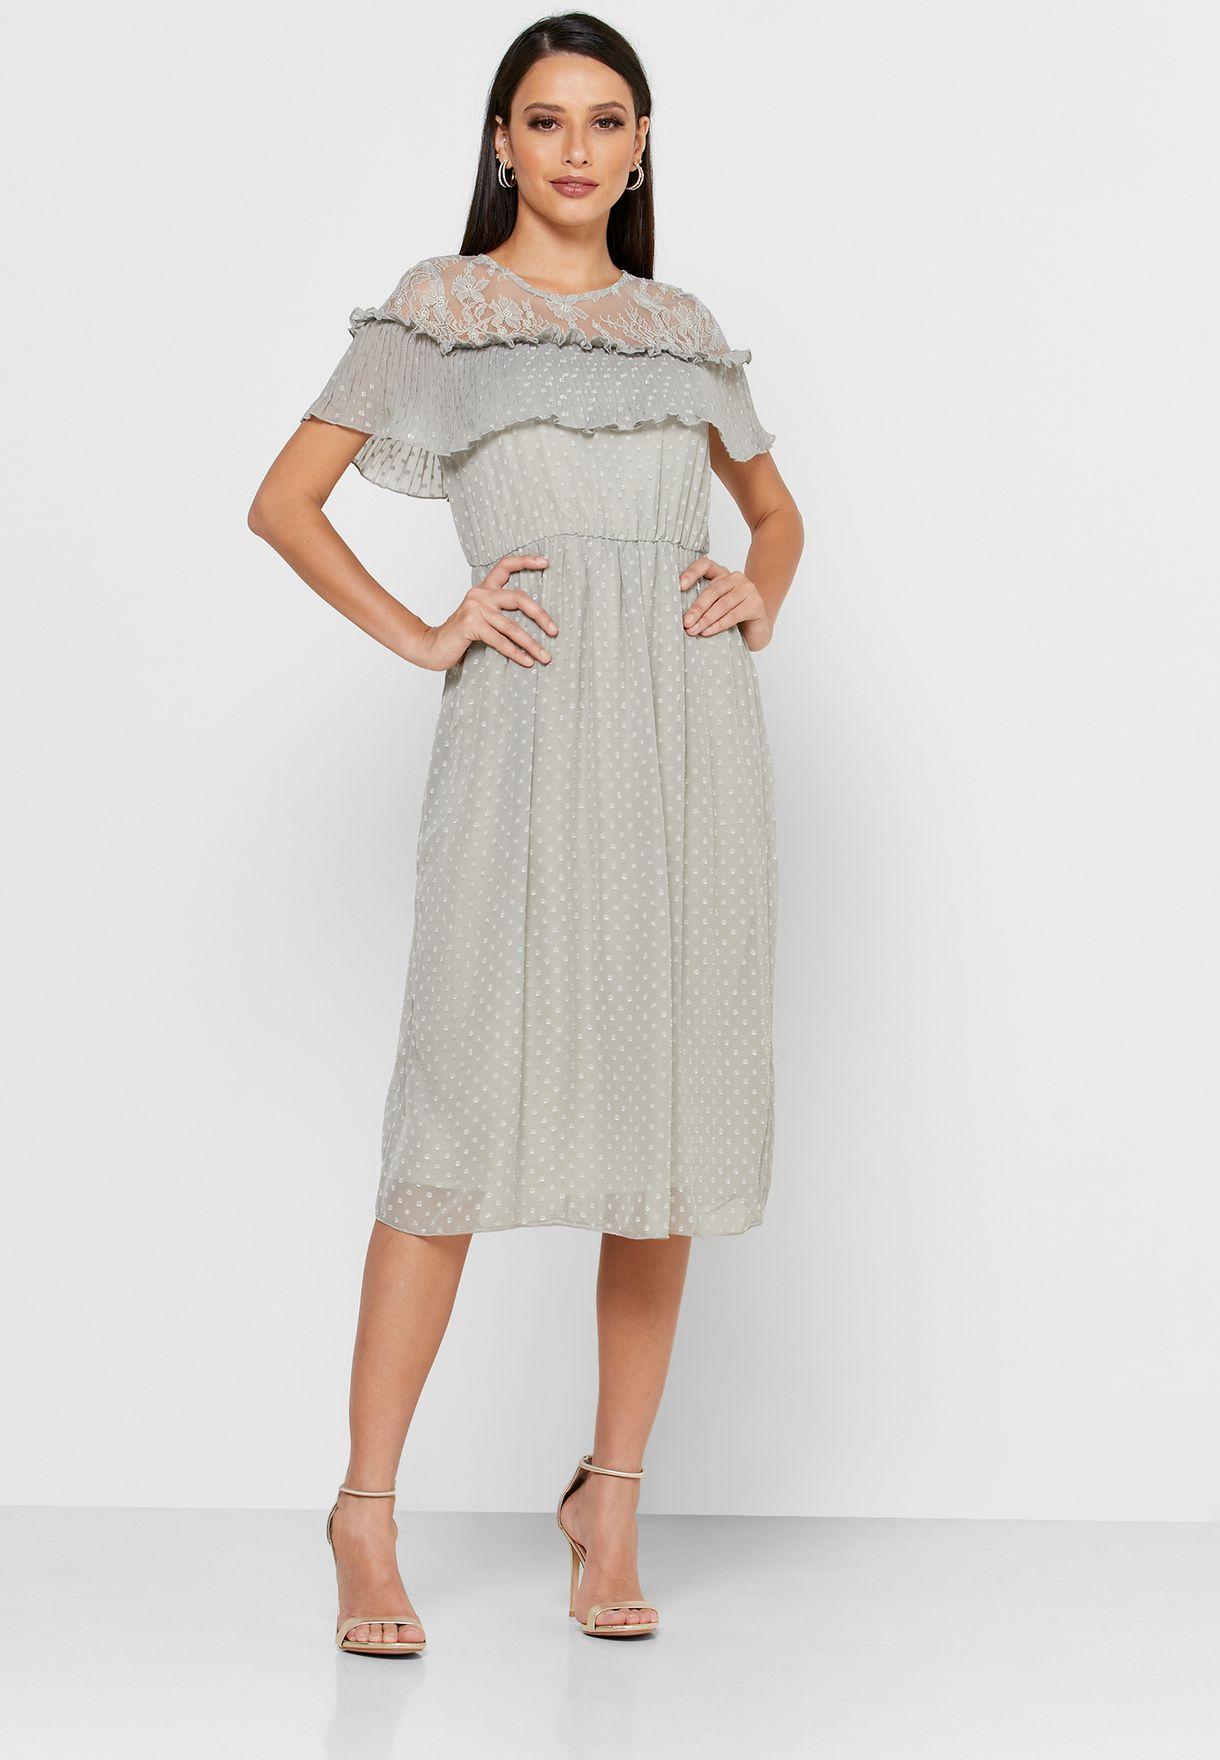 Lace Bardot Dress